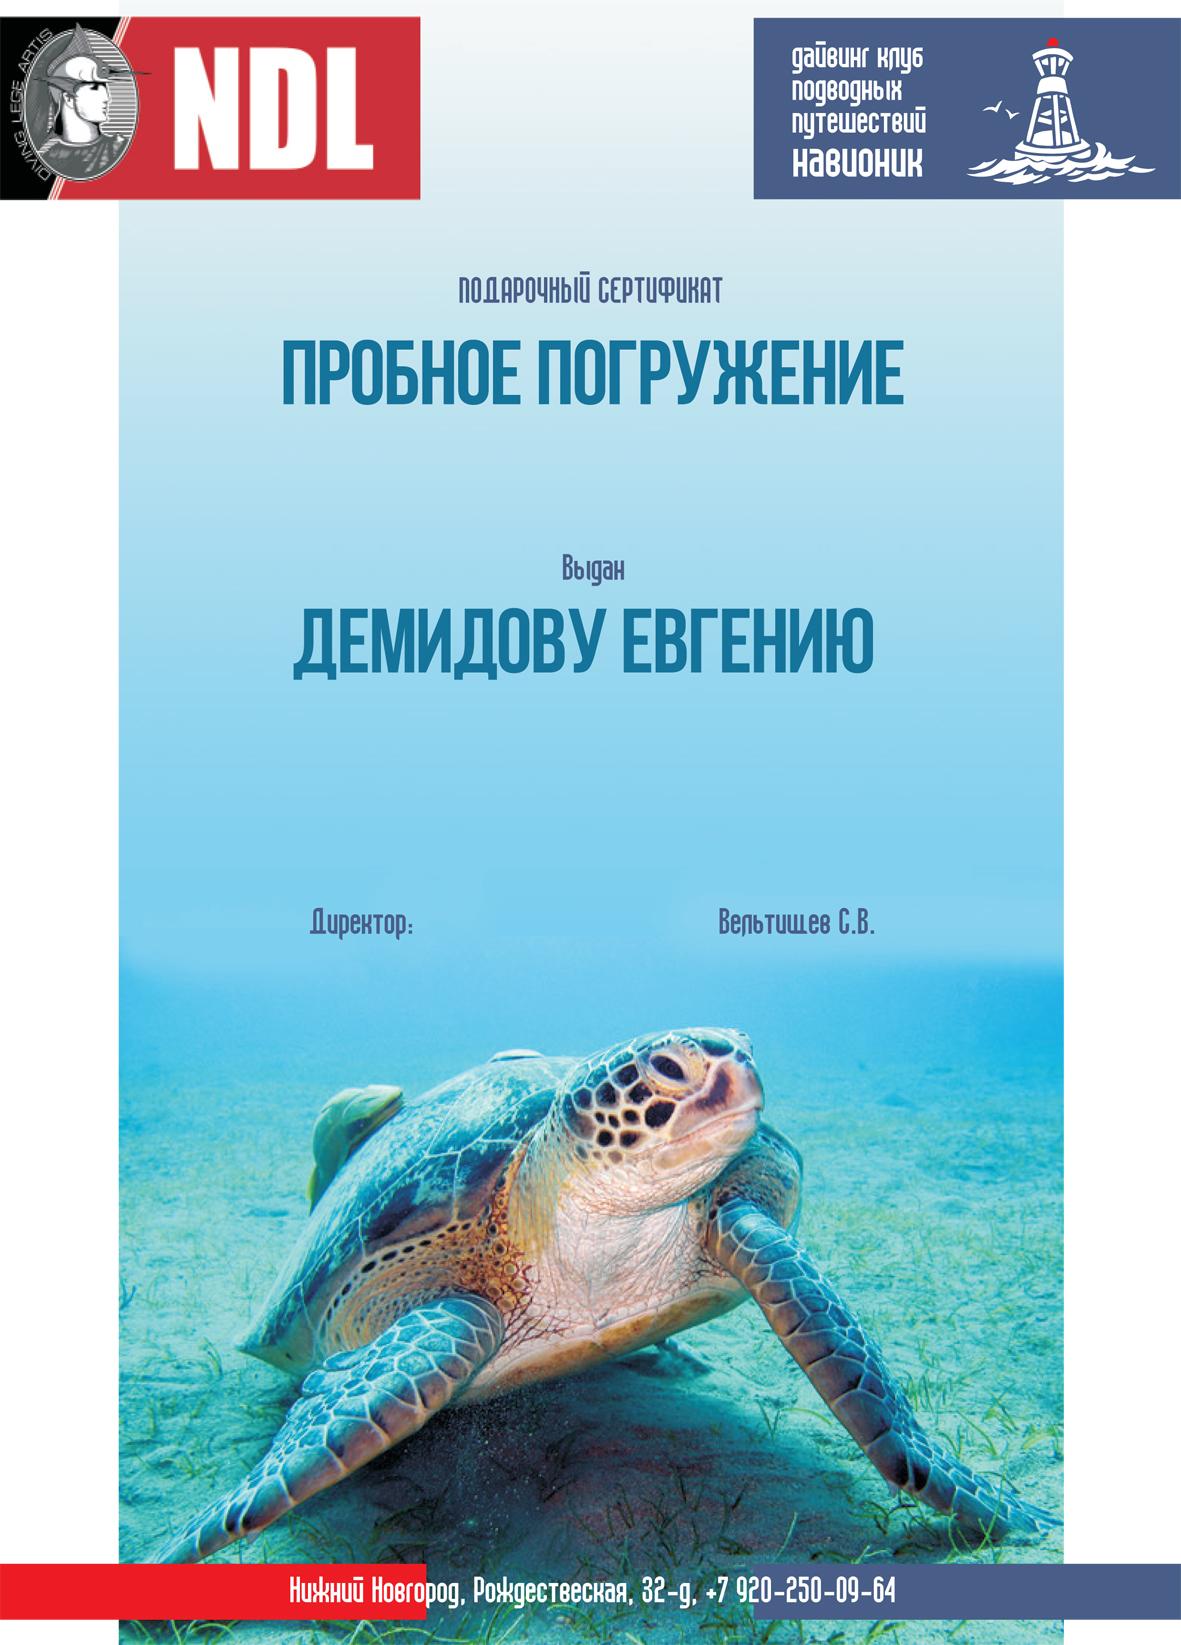 сертиф-подарок-демидов